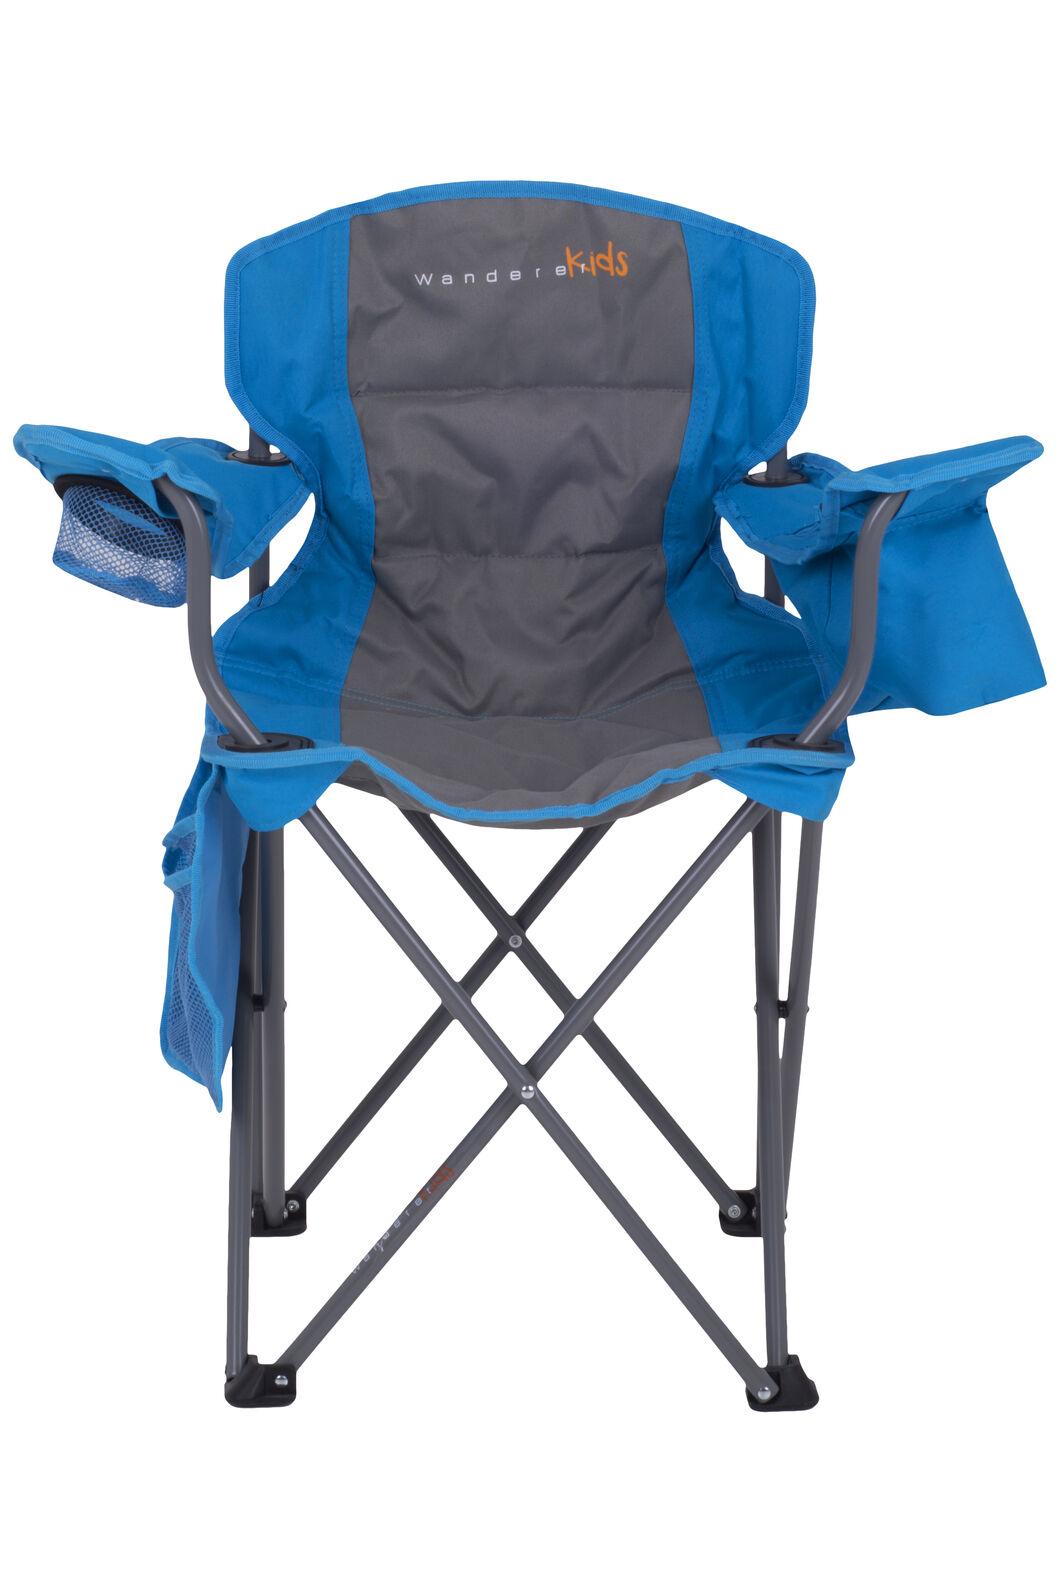 Wanderer Kids' Cooler Arm Chair, Blue, hi-res